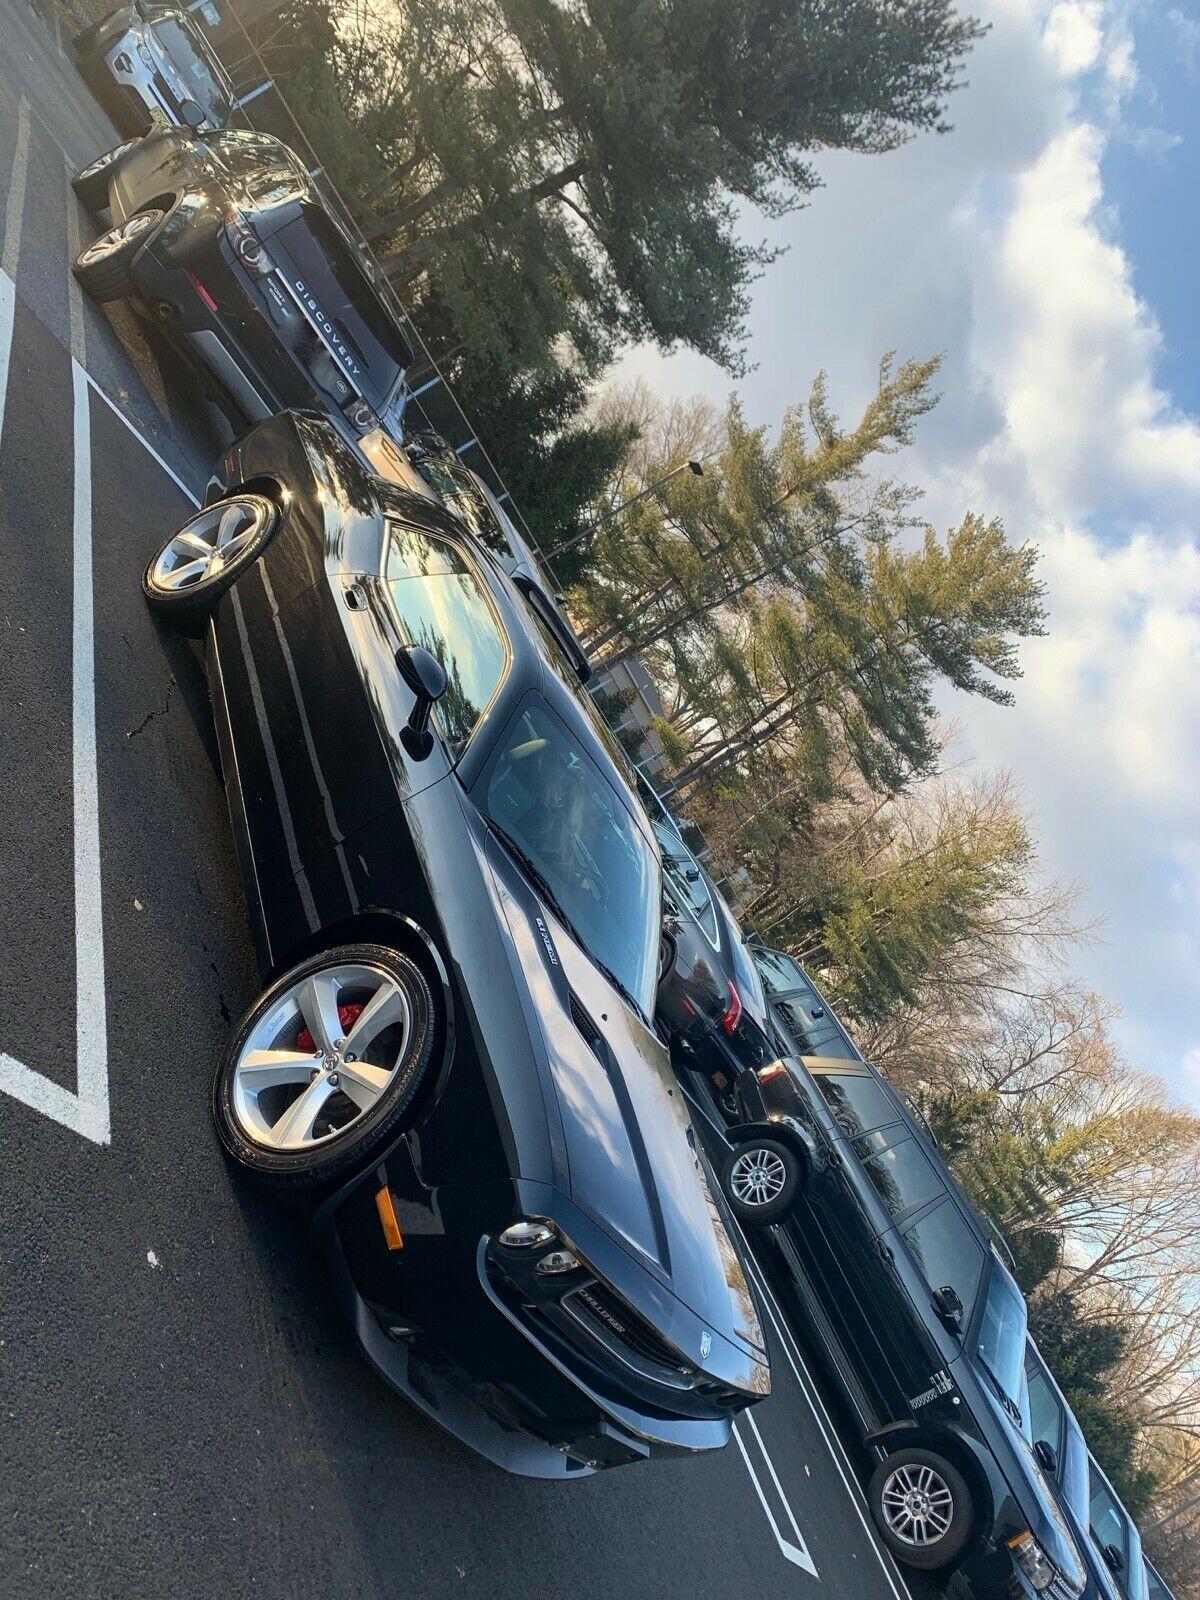 Dodge Challenger SRT8 cu 11 mile - Dodge Challenger SRT8 cu 11 mile